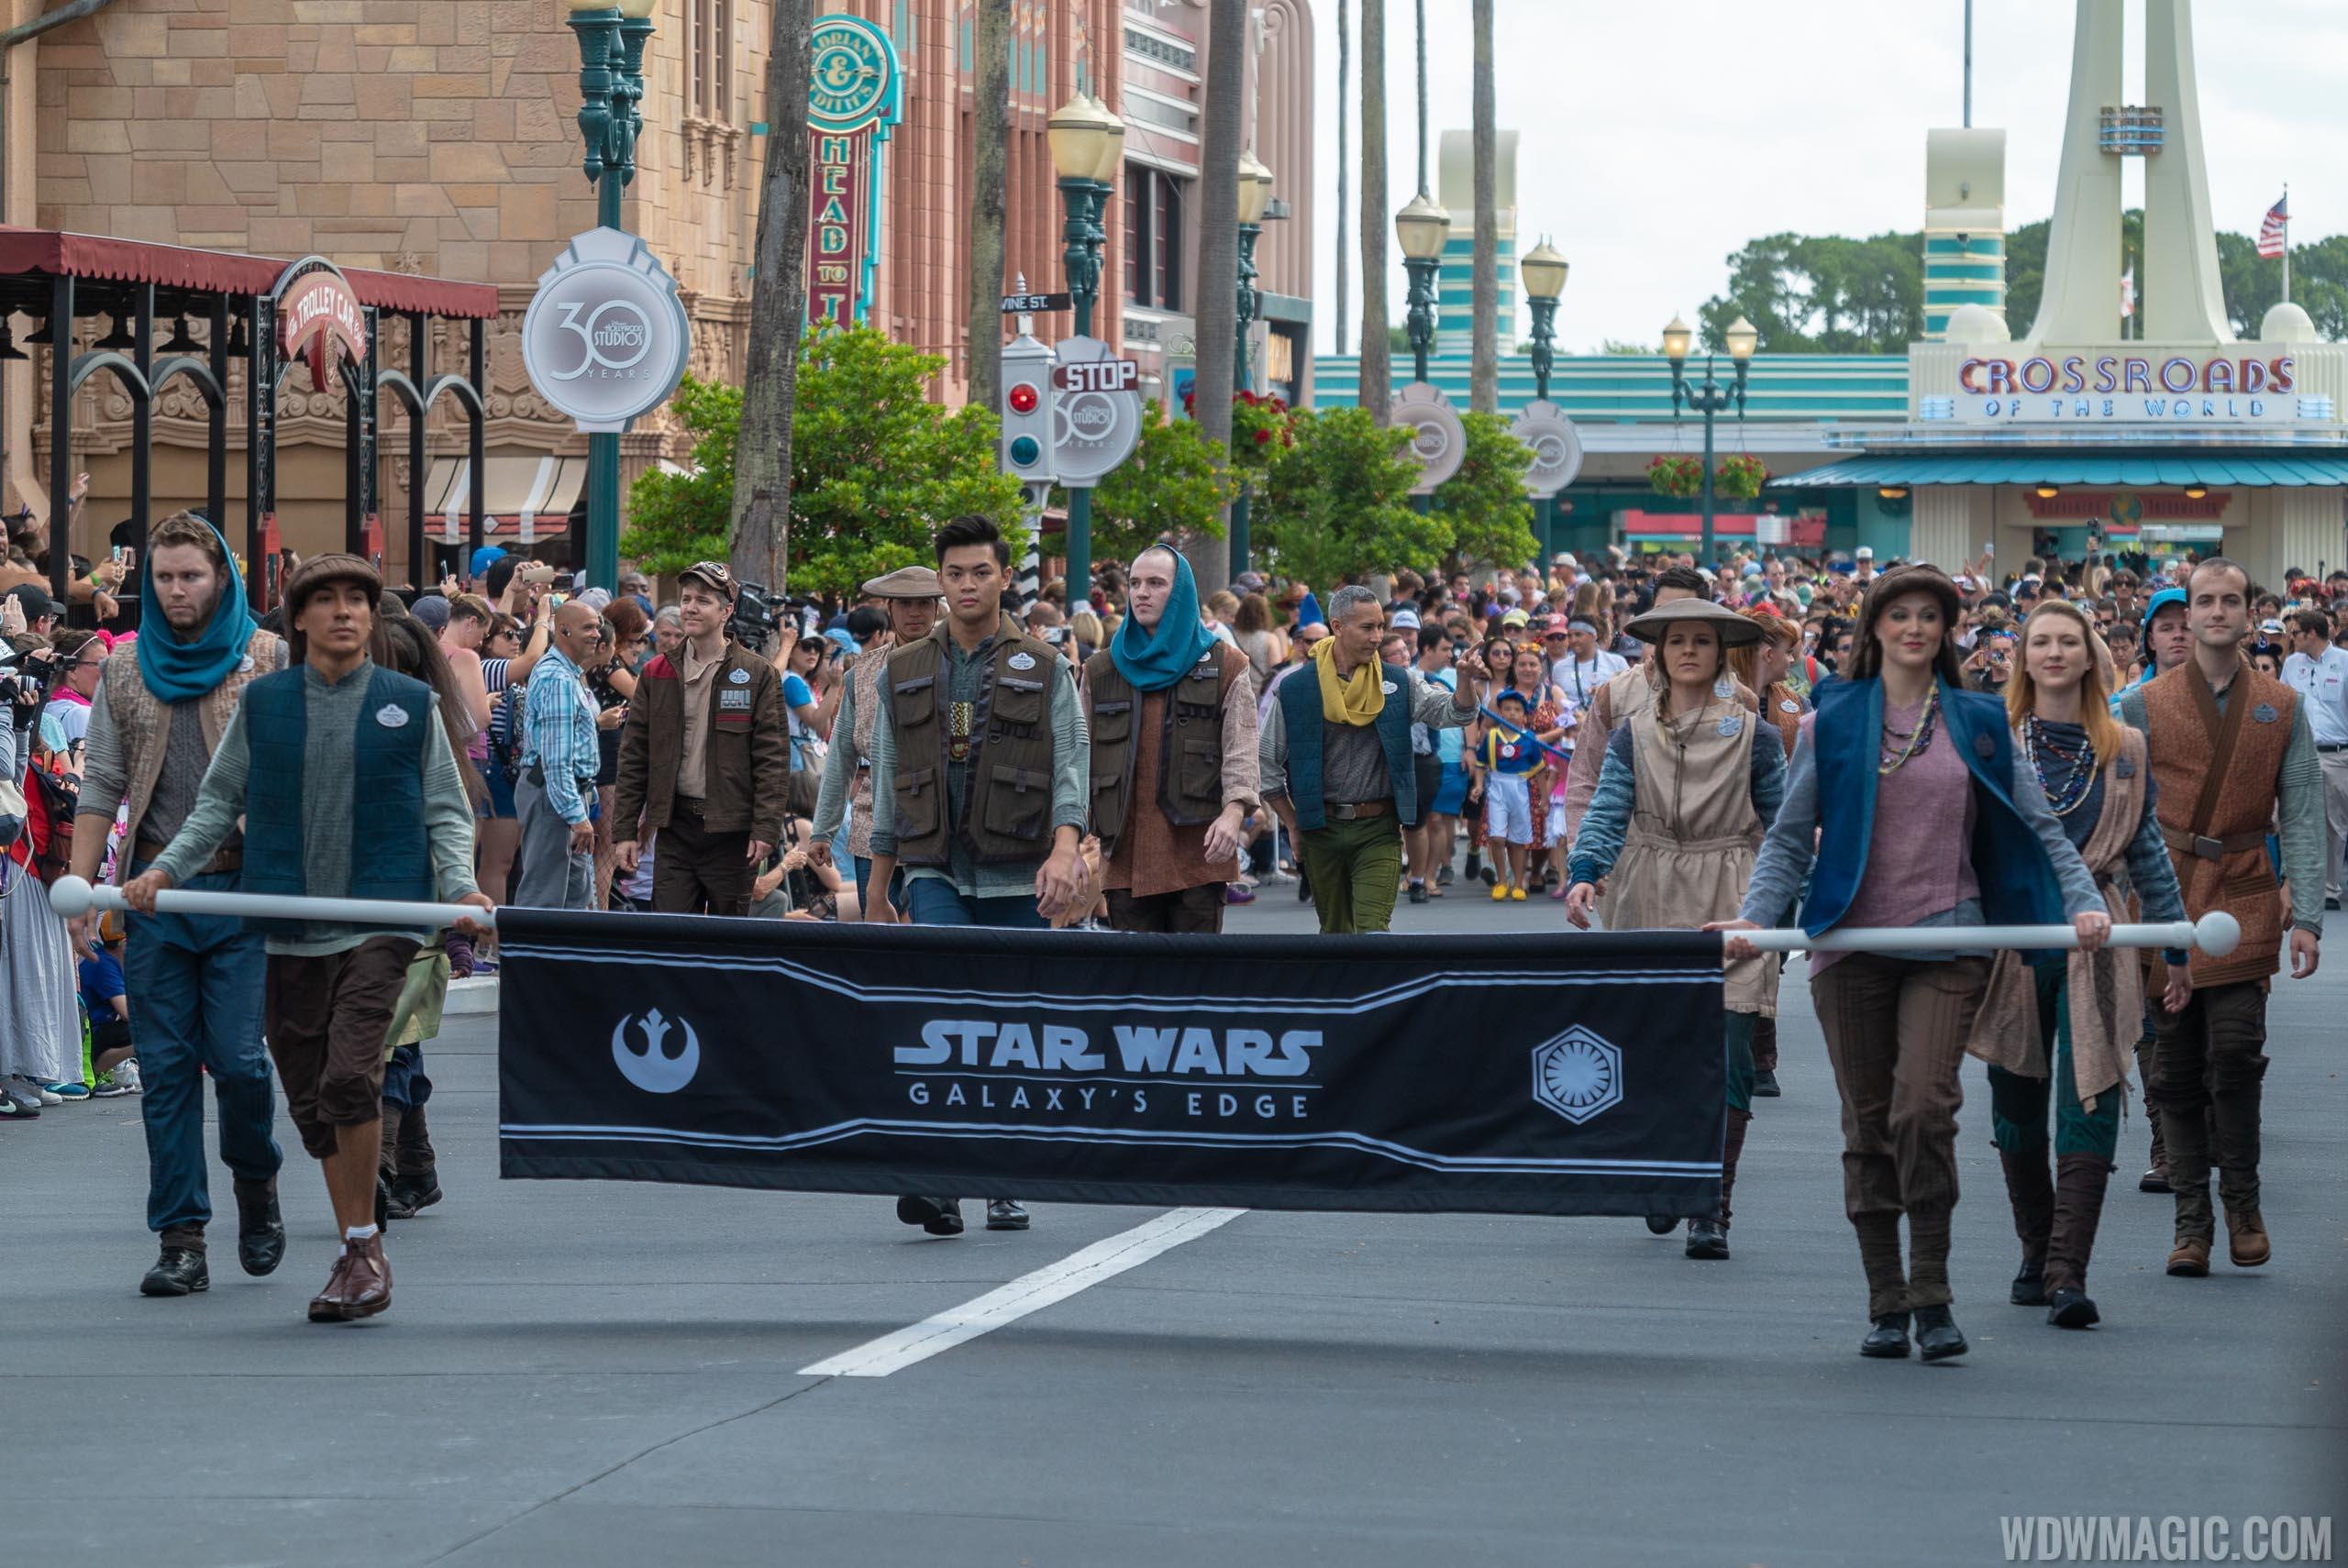 Star Wars Galaxy's Edge Cast Members